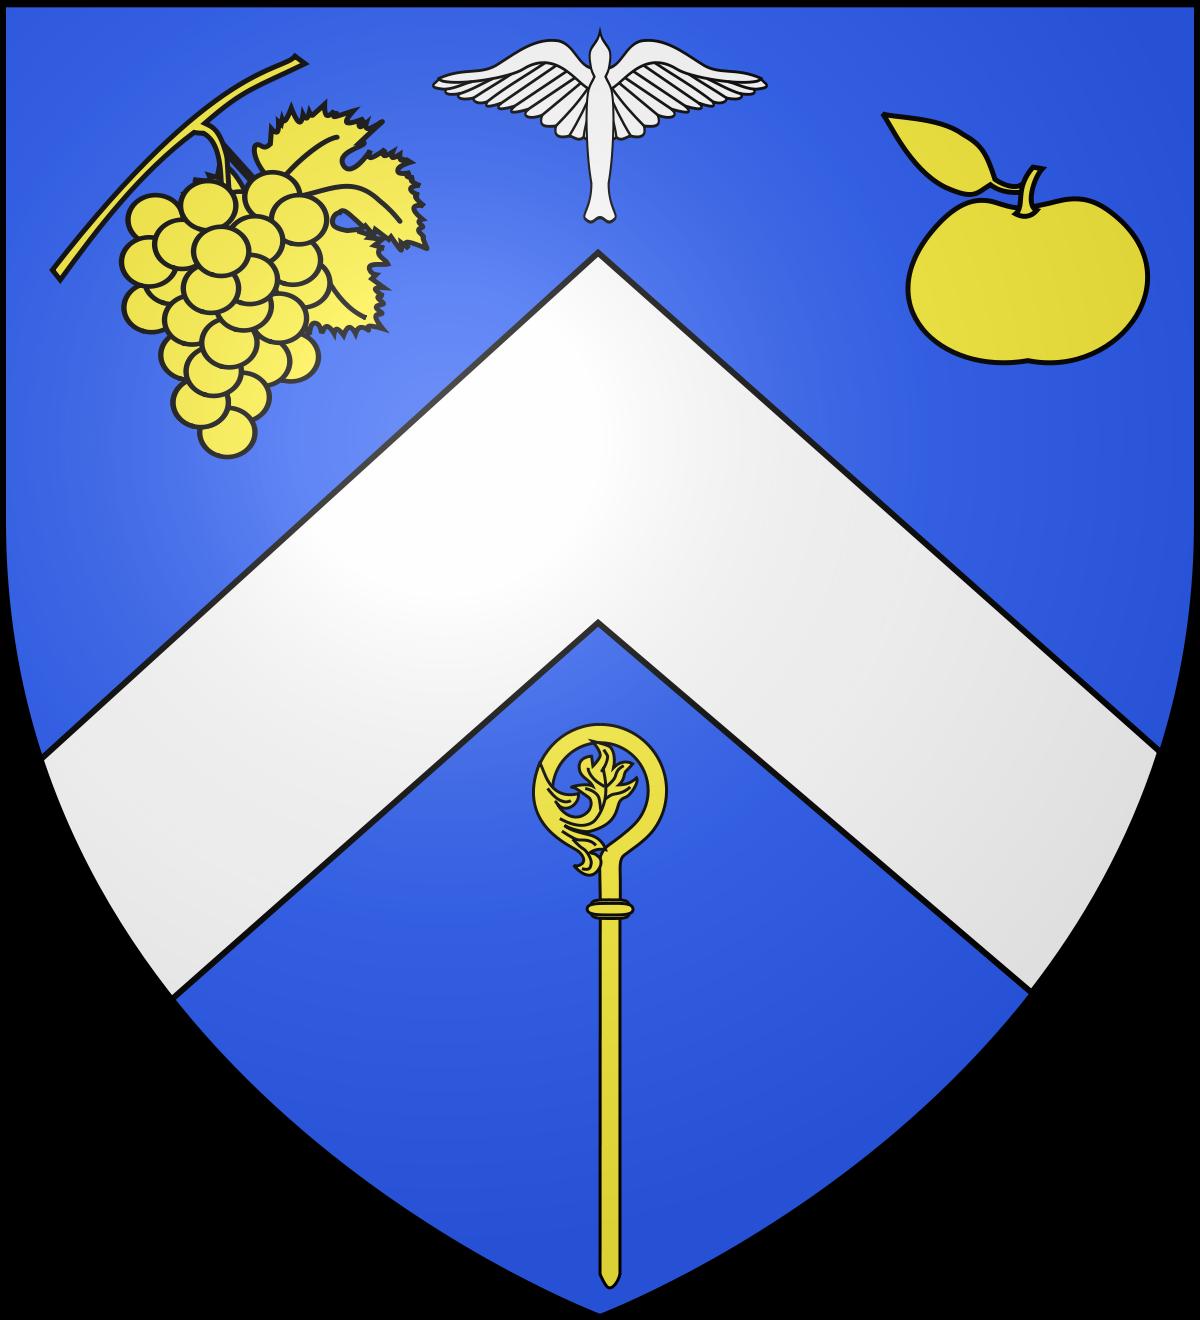 1200px-Blason_de_la_ville_de_Creuzier-le-Neuf_(03)